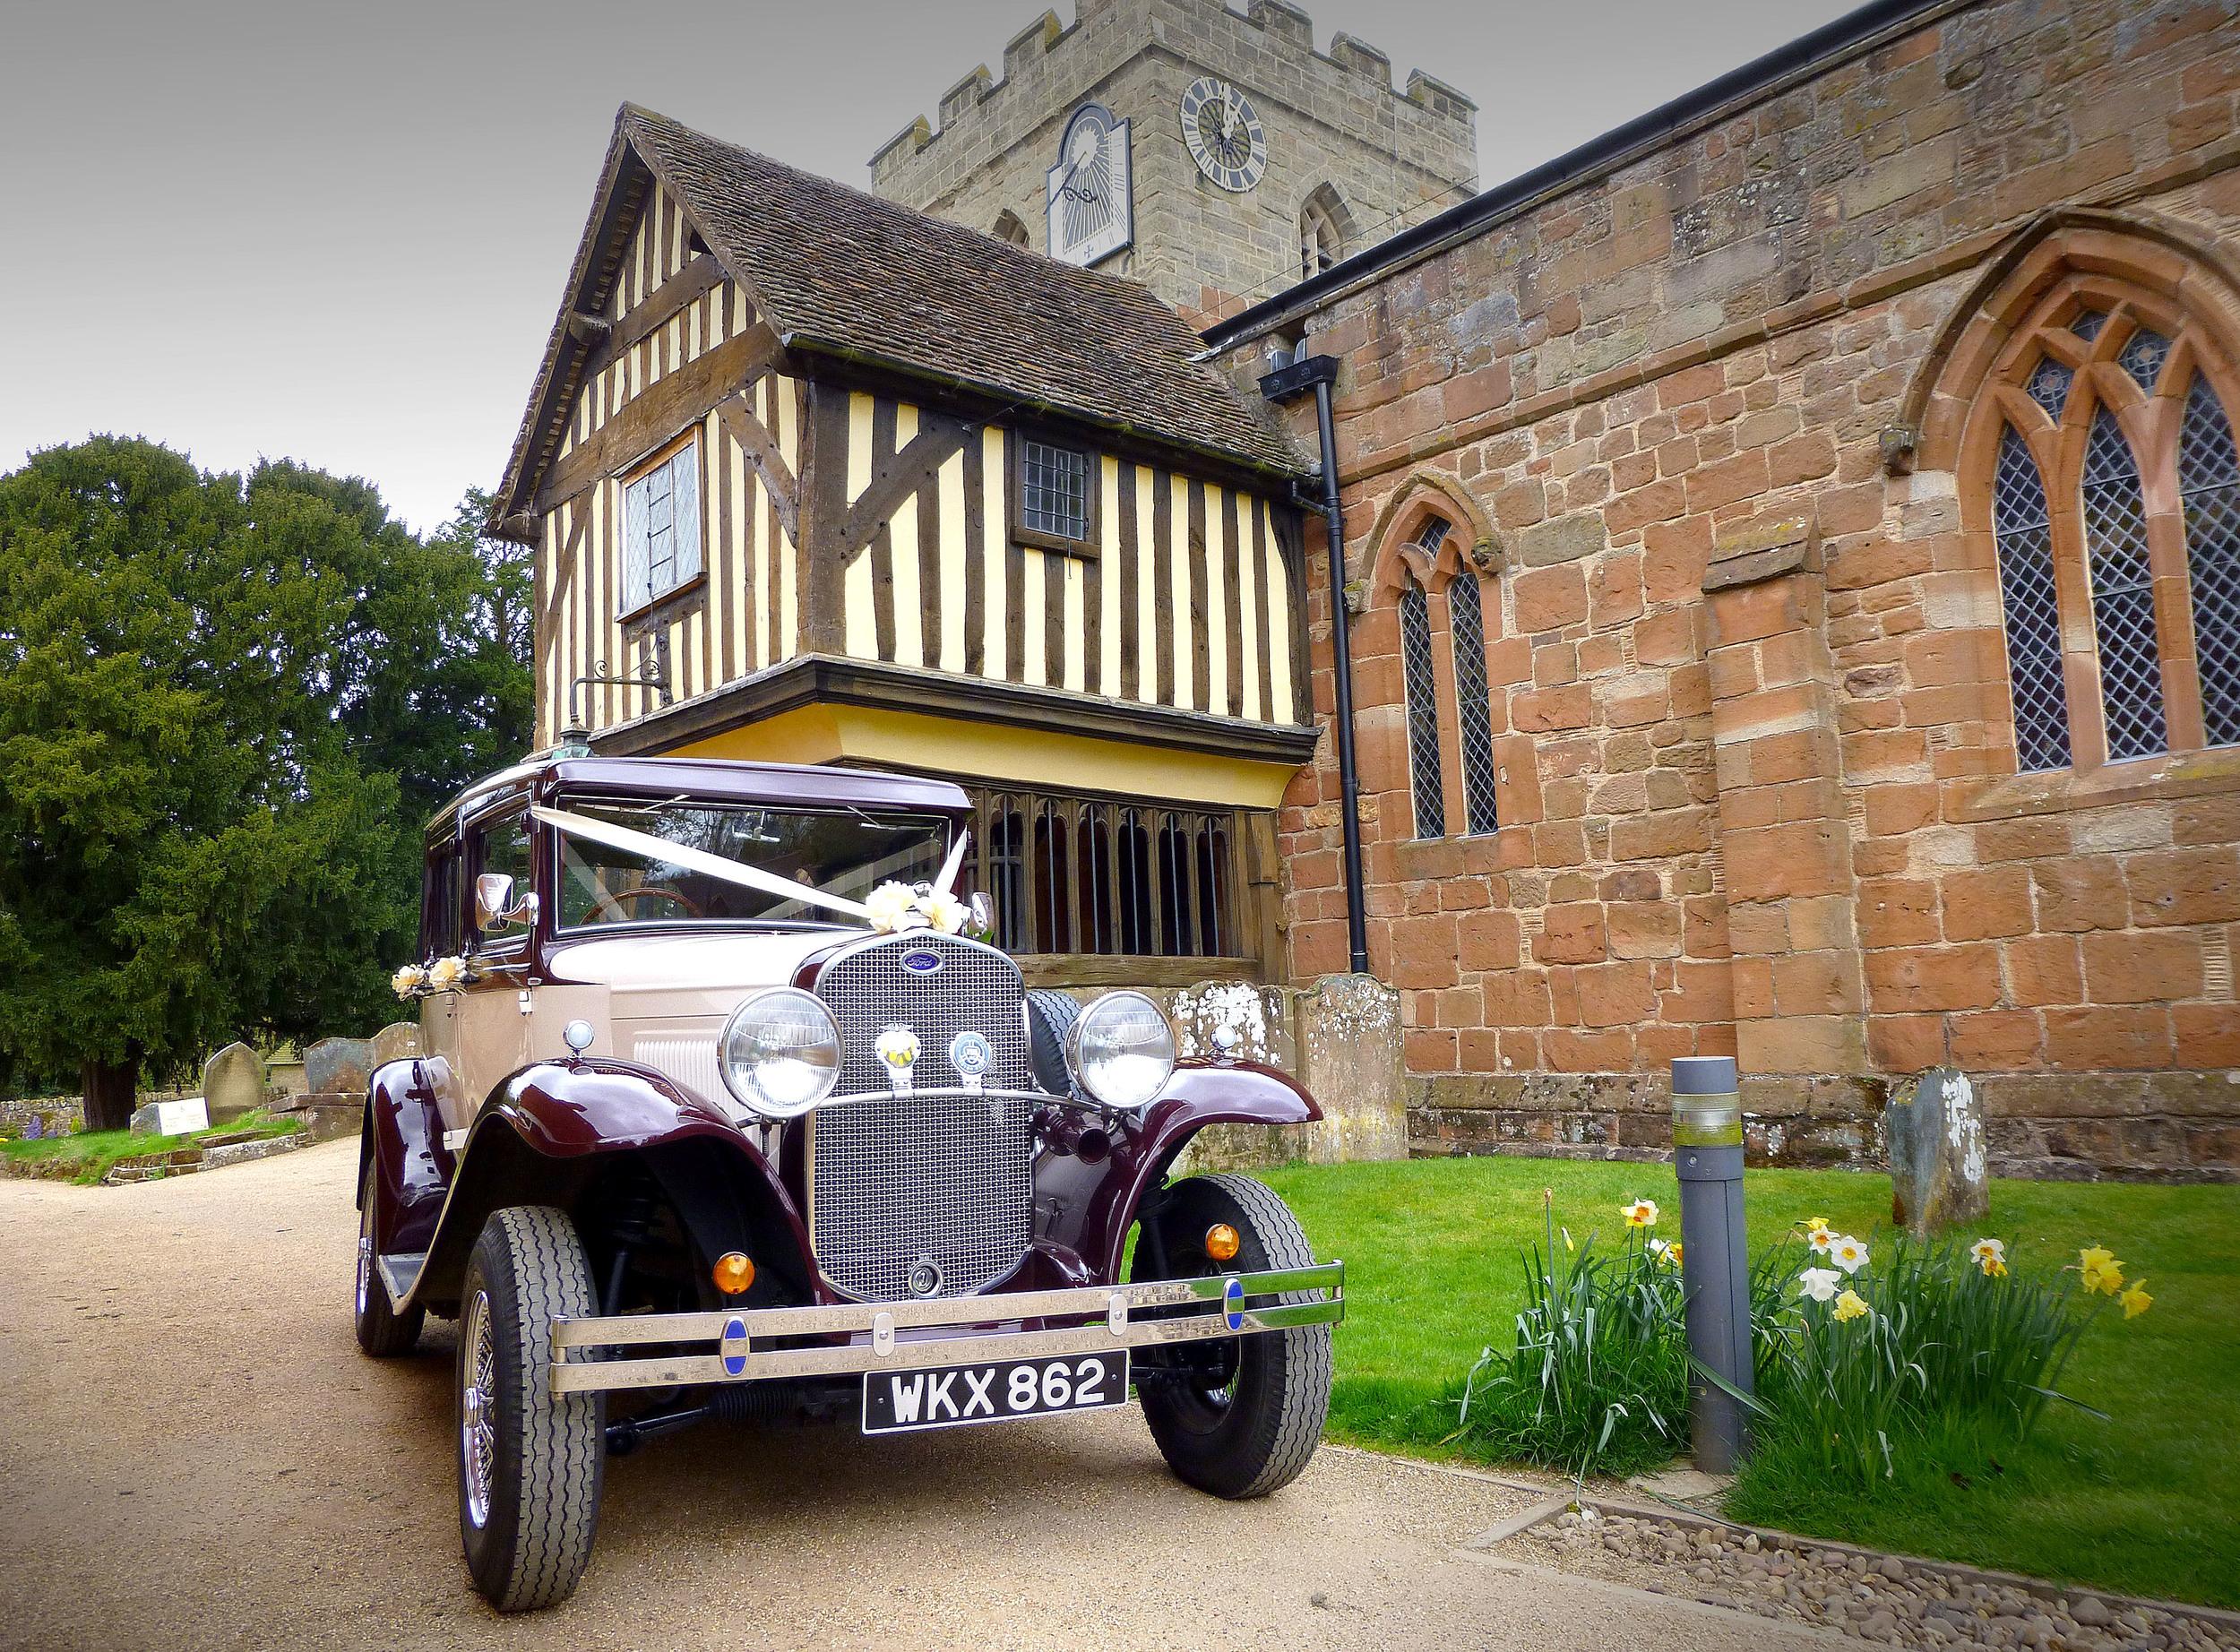 badsworth-wedding-car-warwickshire-wroxhall.jpg